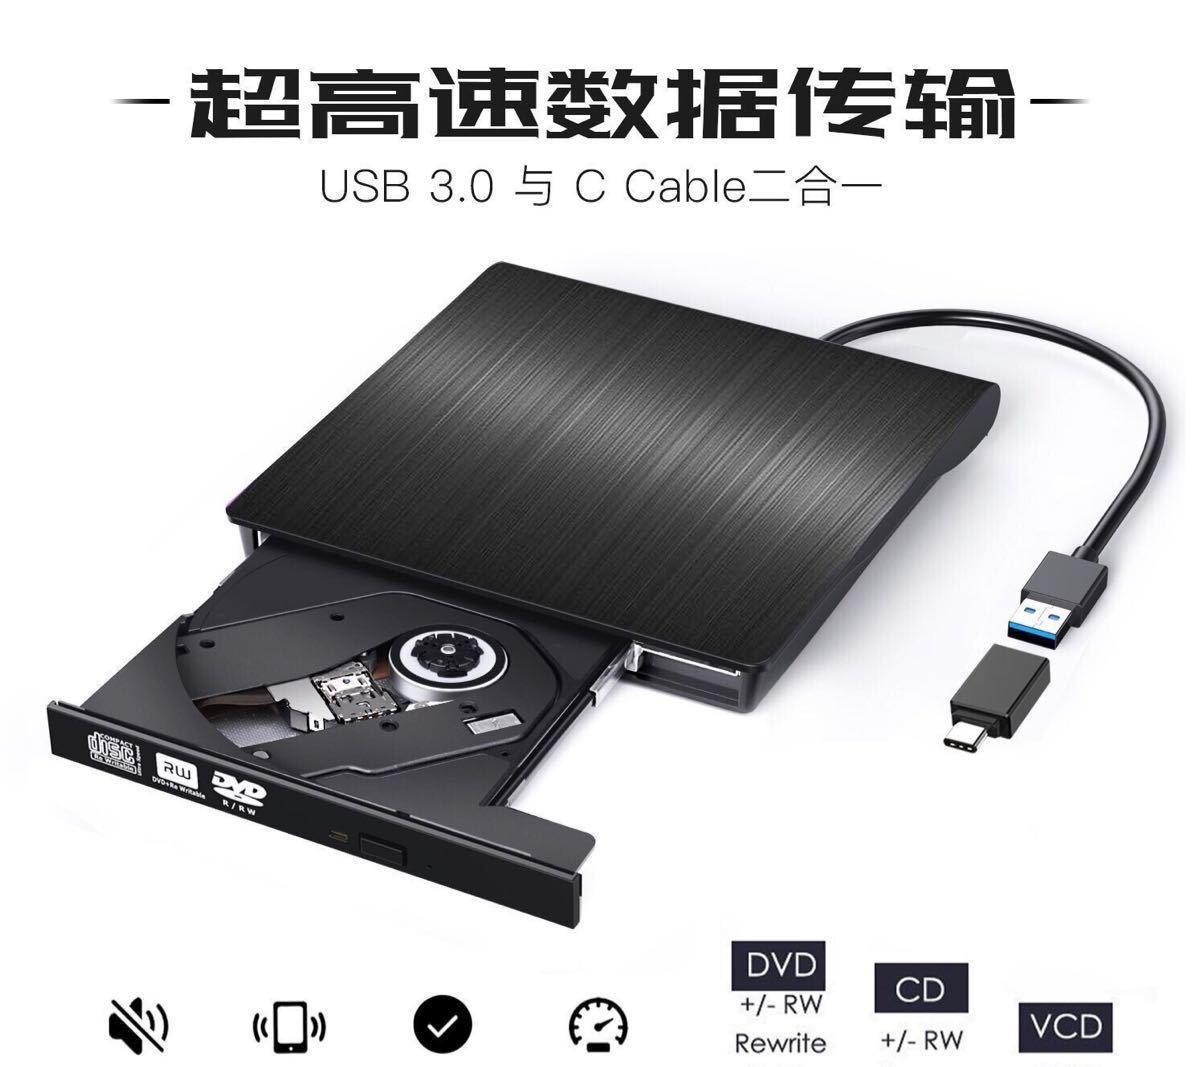 DVDドライブ 外付け CDドライブ USB 3.0 DVD プレイヤー ポータブルドライブ CD/DVD読取/書込DV